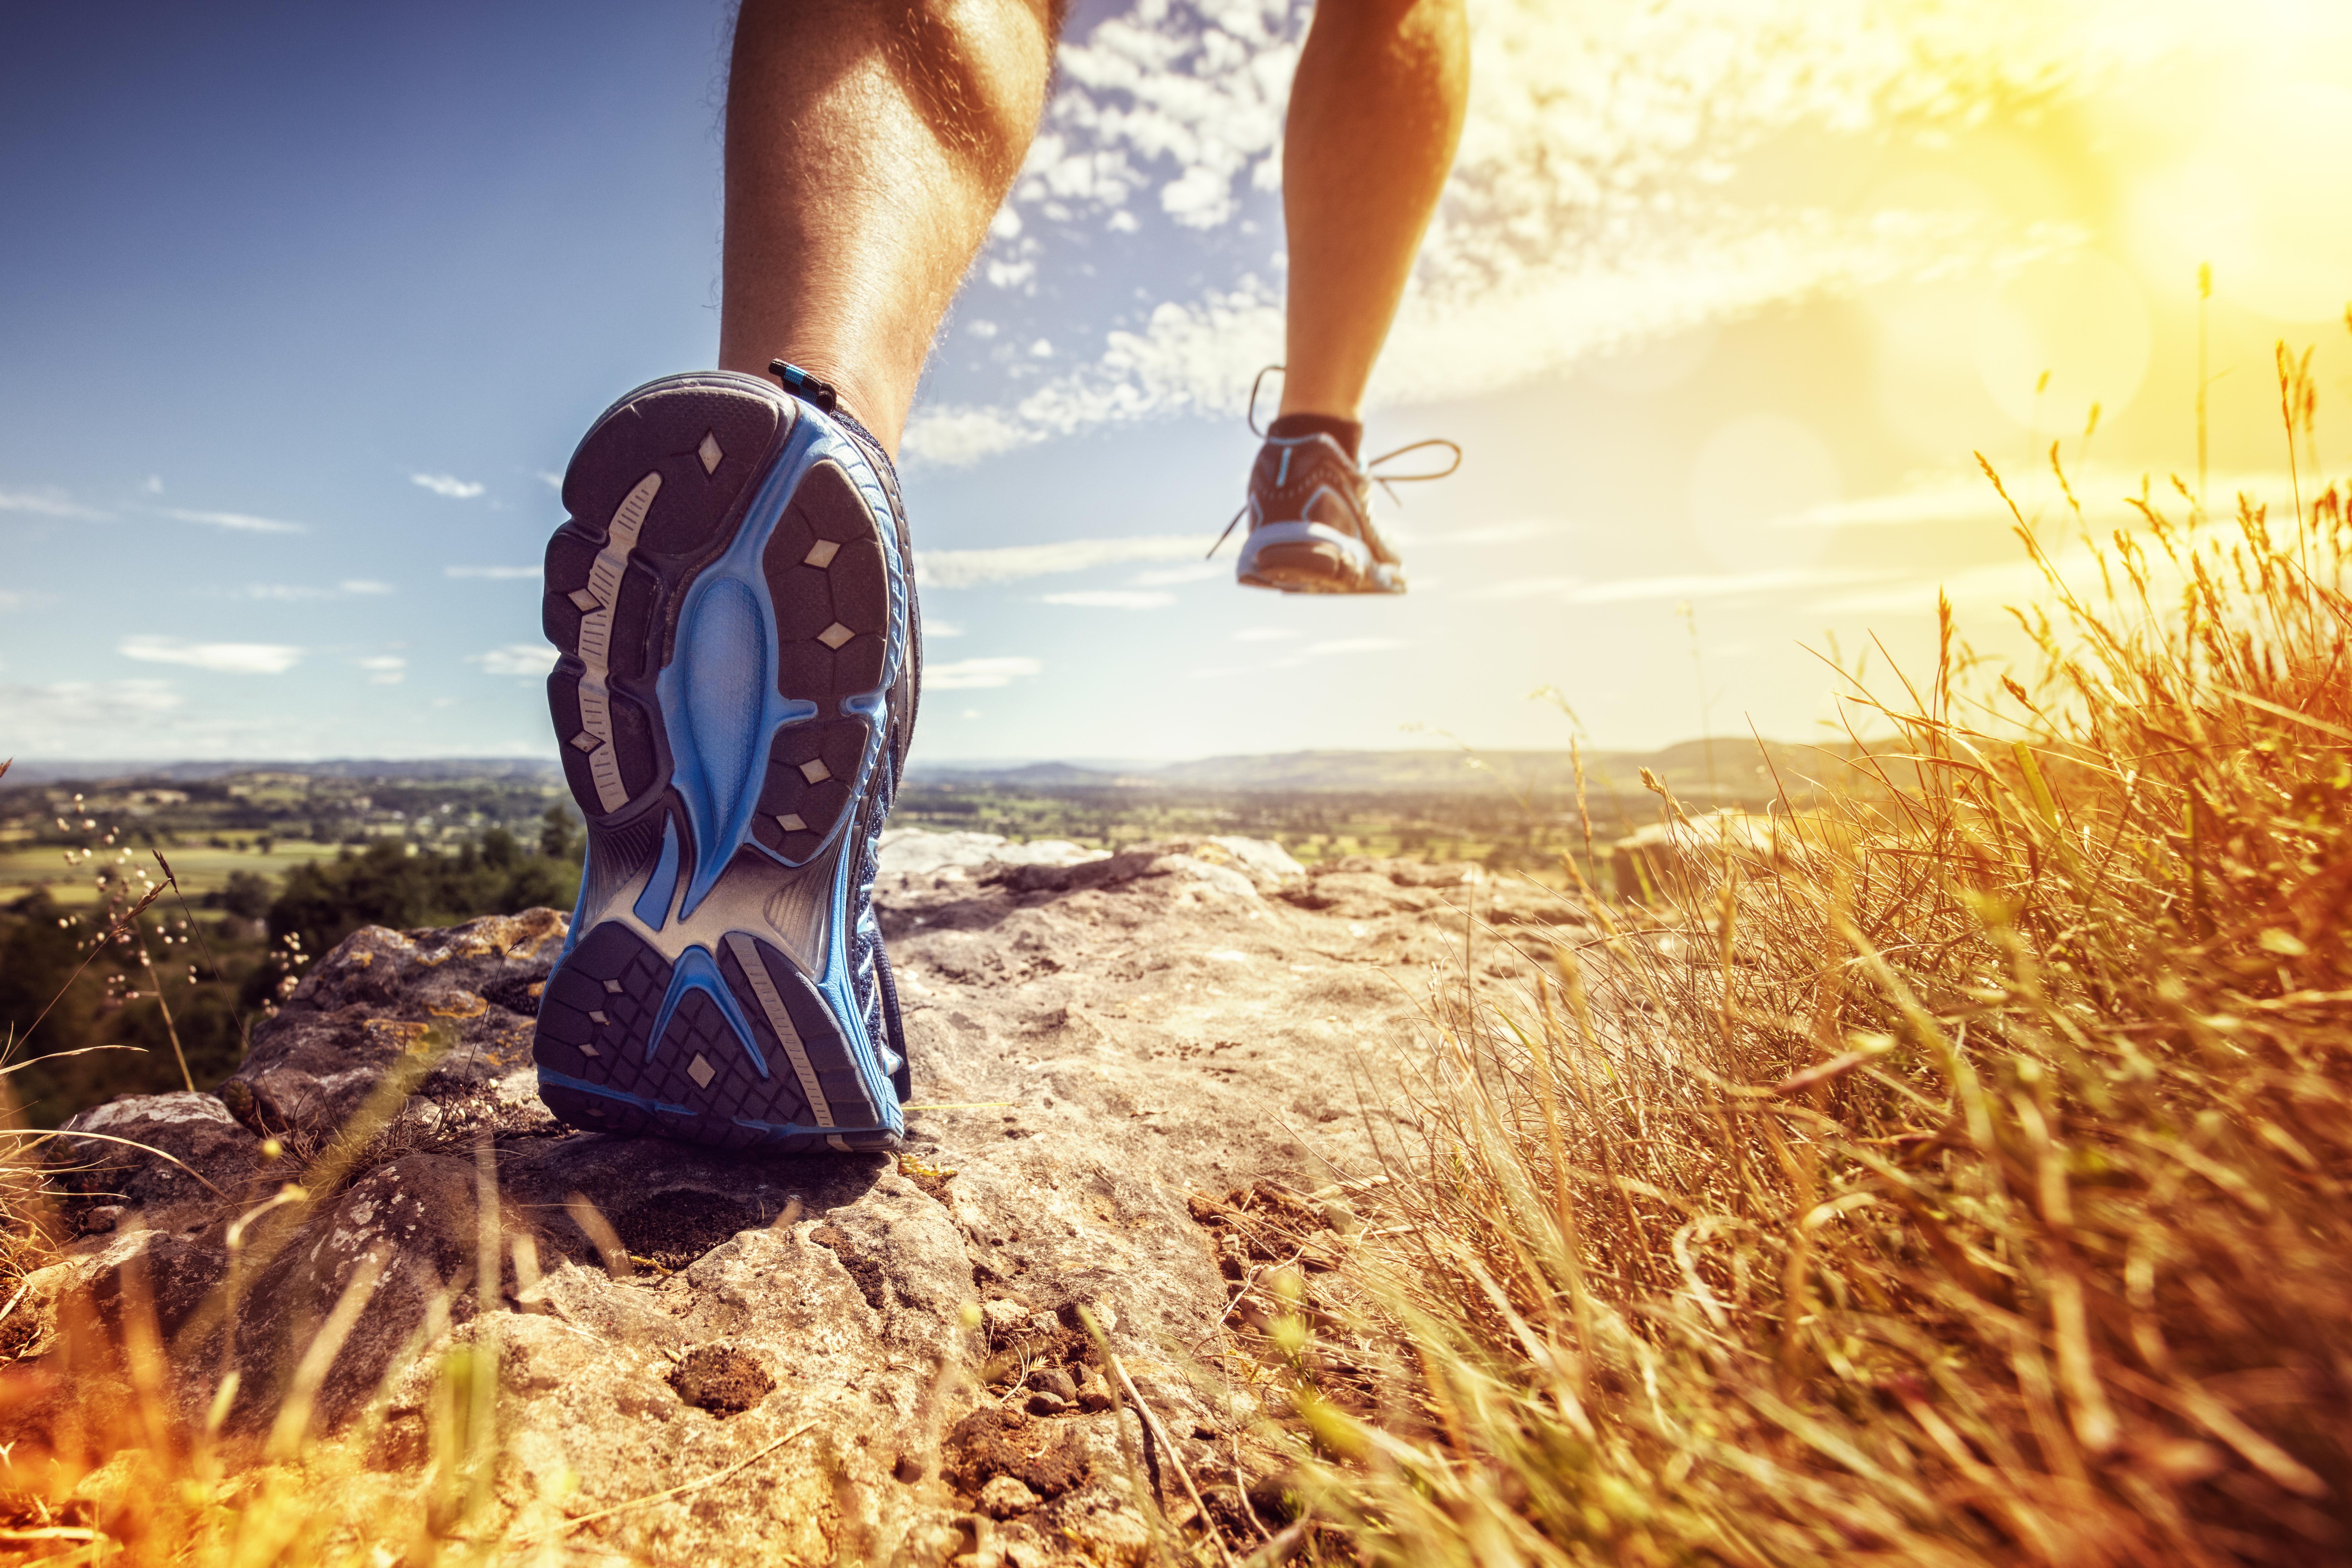 Як натренувати витривалість: 7 кроків успішного спортсмена